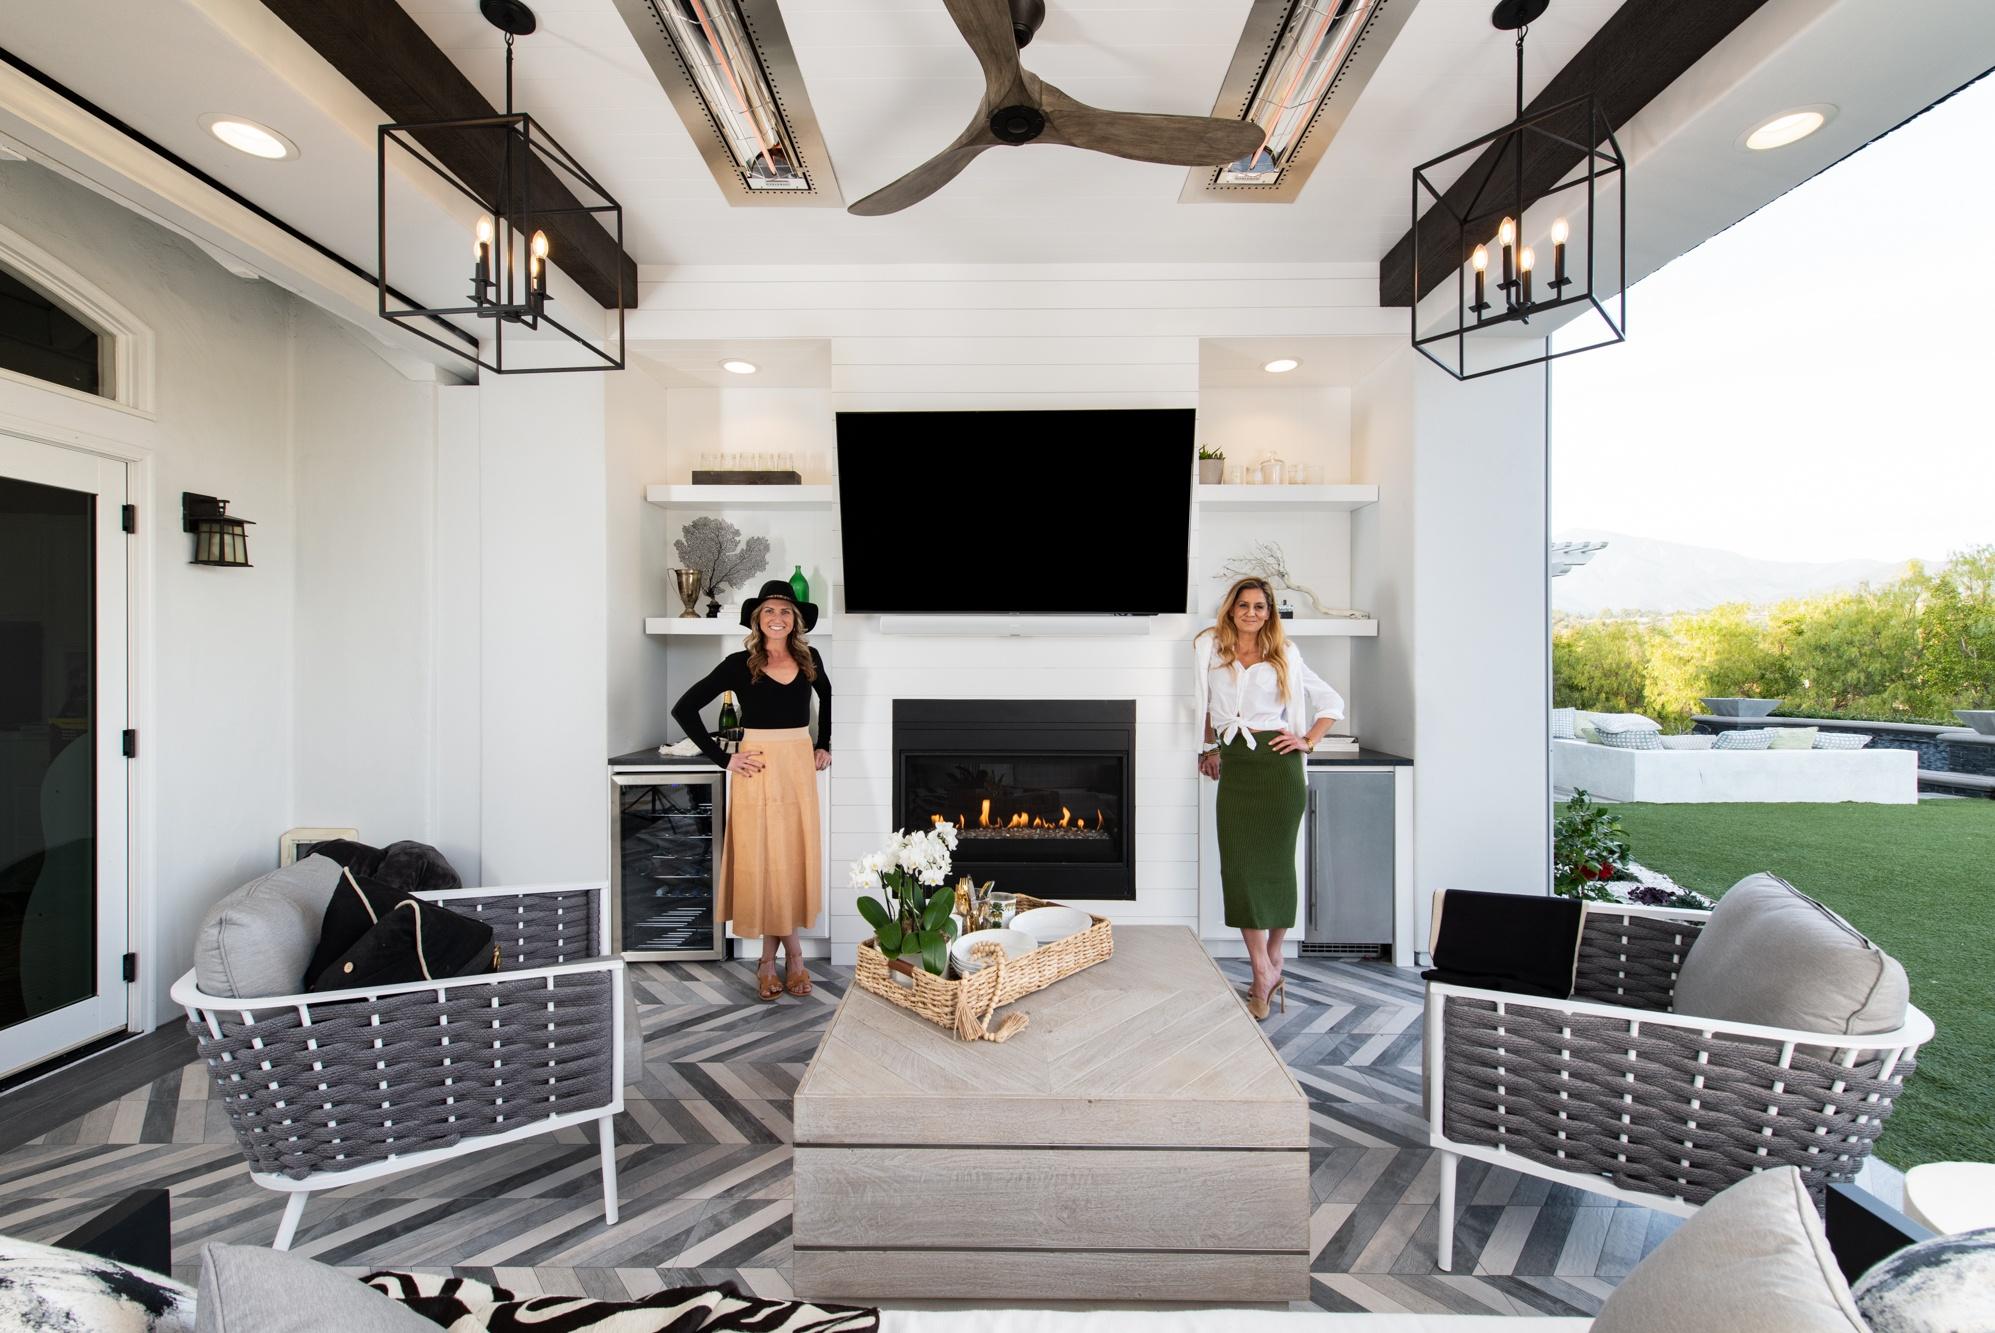 Outdoor-Coto-de-Caza-California-Room-remodel